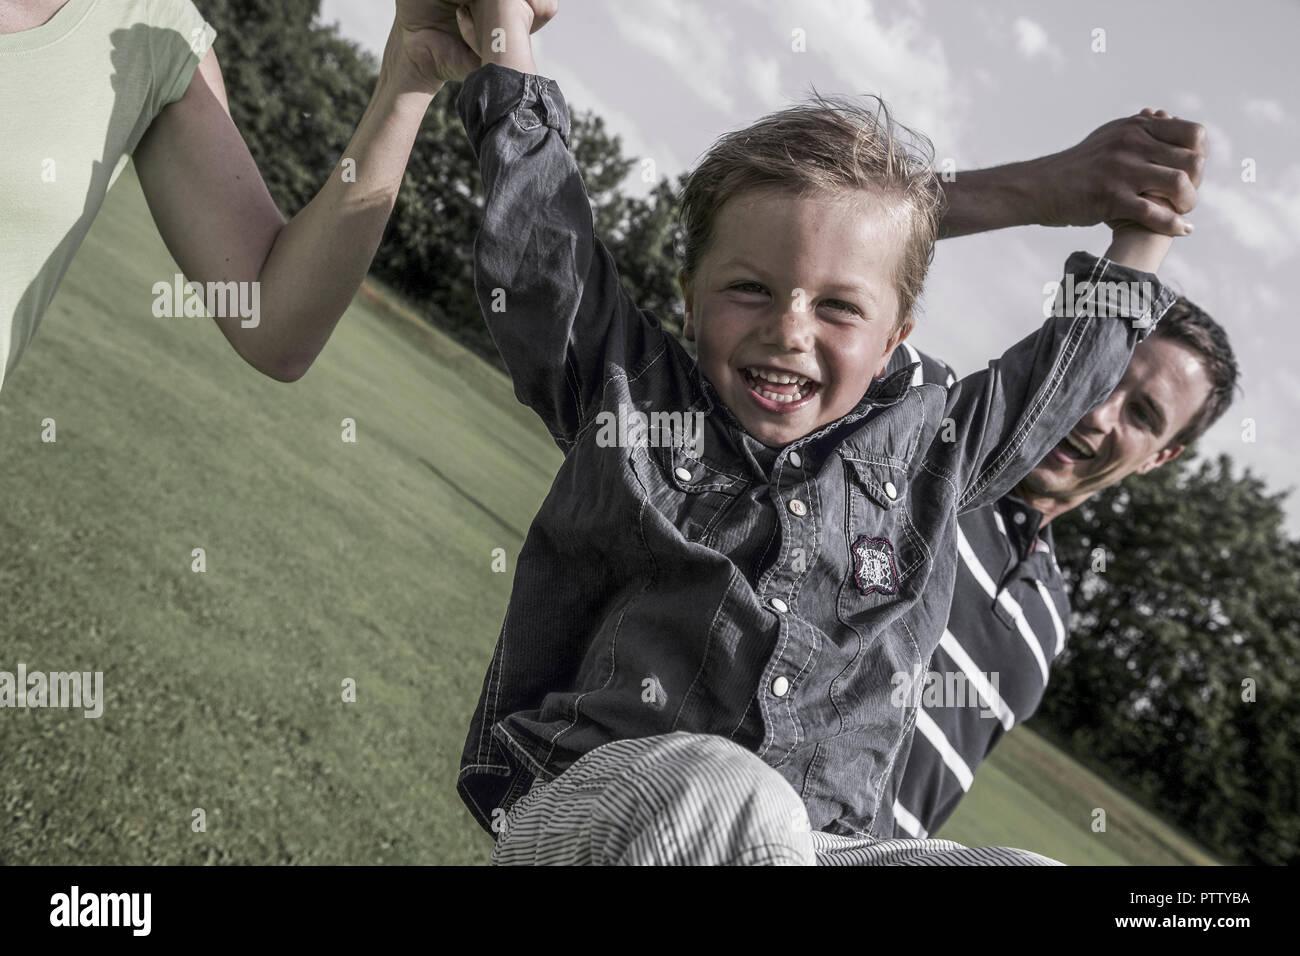 Eltern Zweisimmen Springenden Sohn eine Höhle Haenden (Model-Release) Stockbild